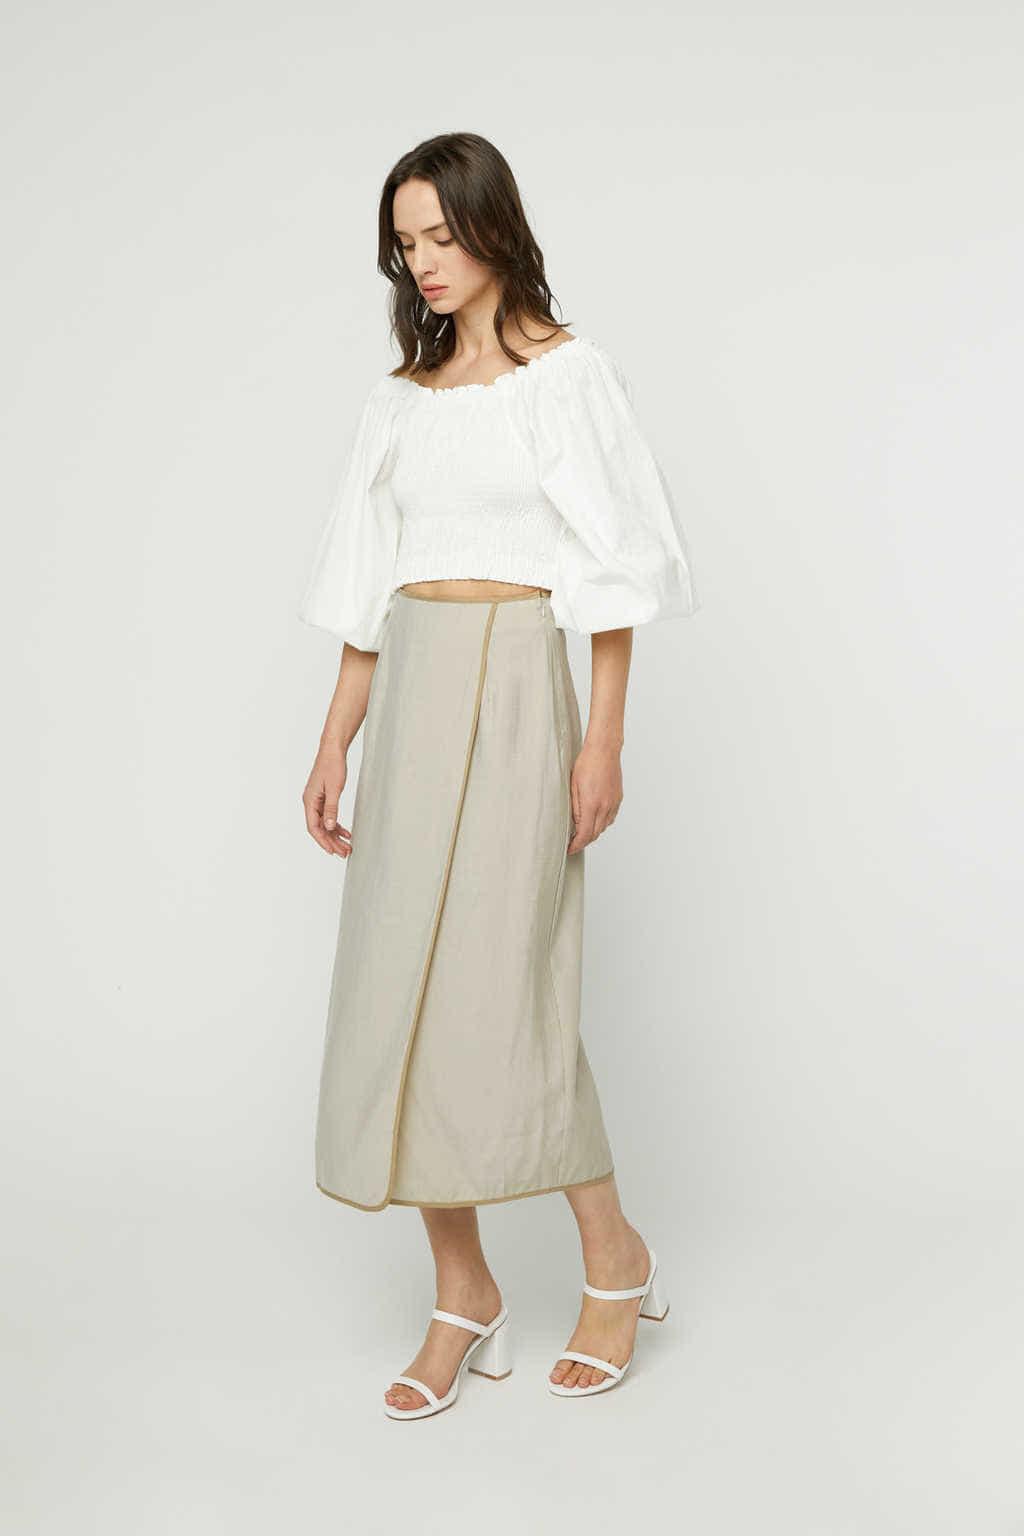 Skirt K024 Beige 1